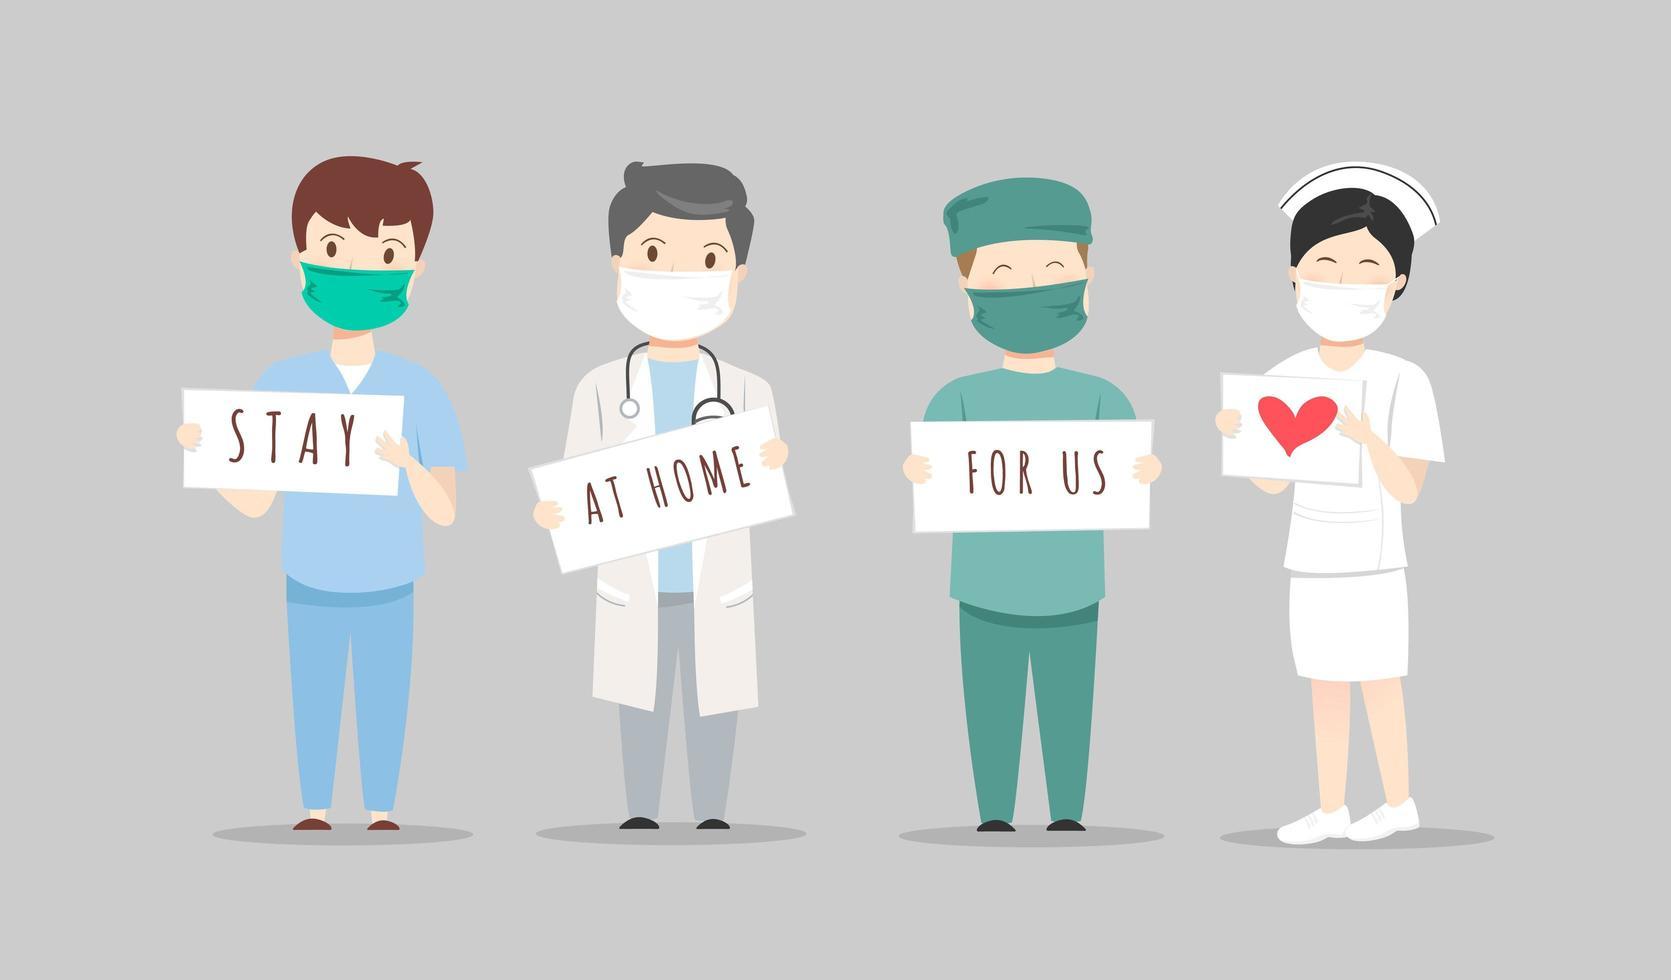 Ärzte und Krankenschwestern mit zu Hause bleiben für uns Zeichen vektor